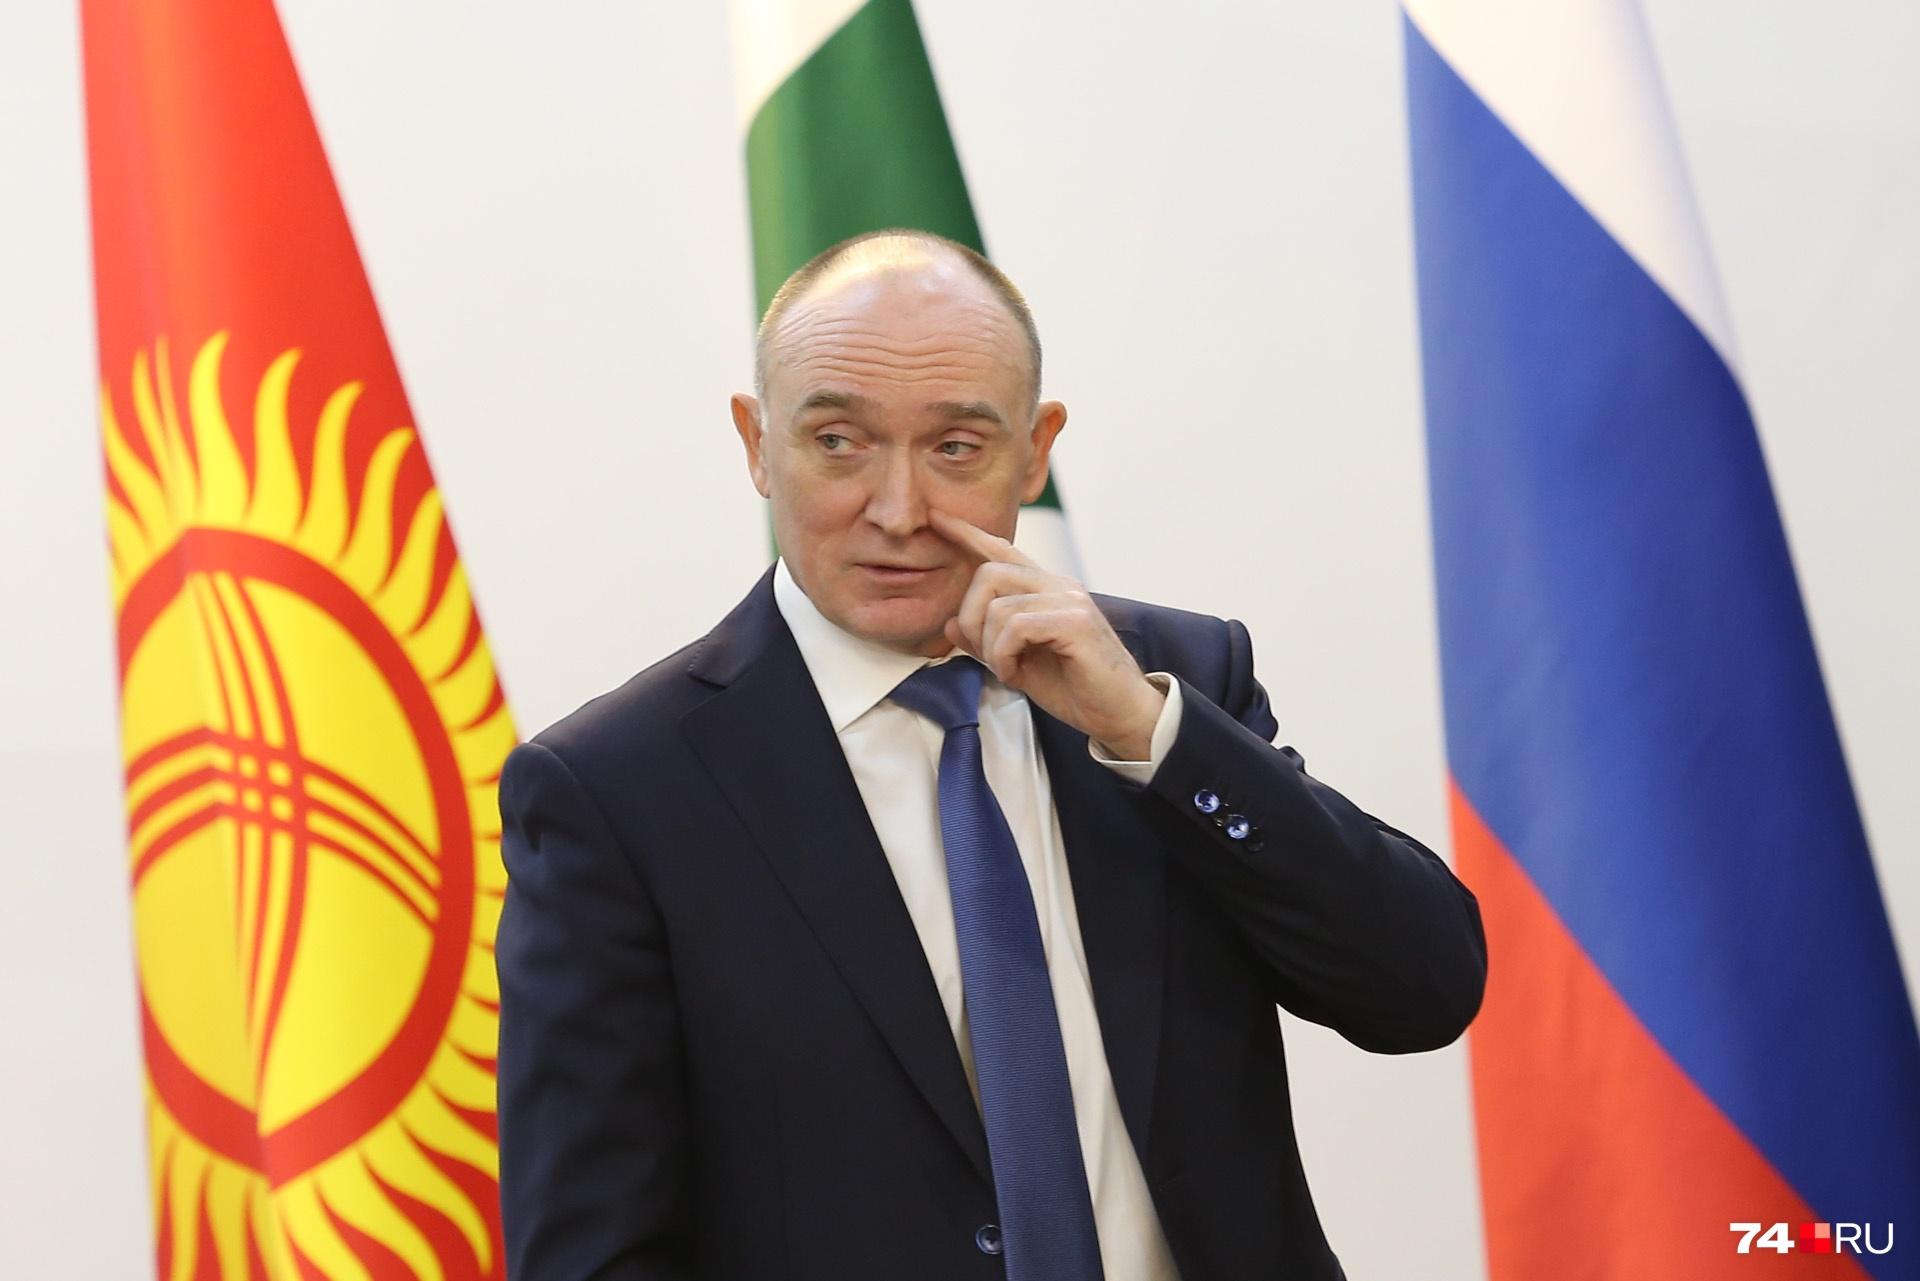 Губернатор Борис Дубровский сегодня встретил делегации из двух десятков стран ШОС